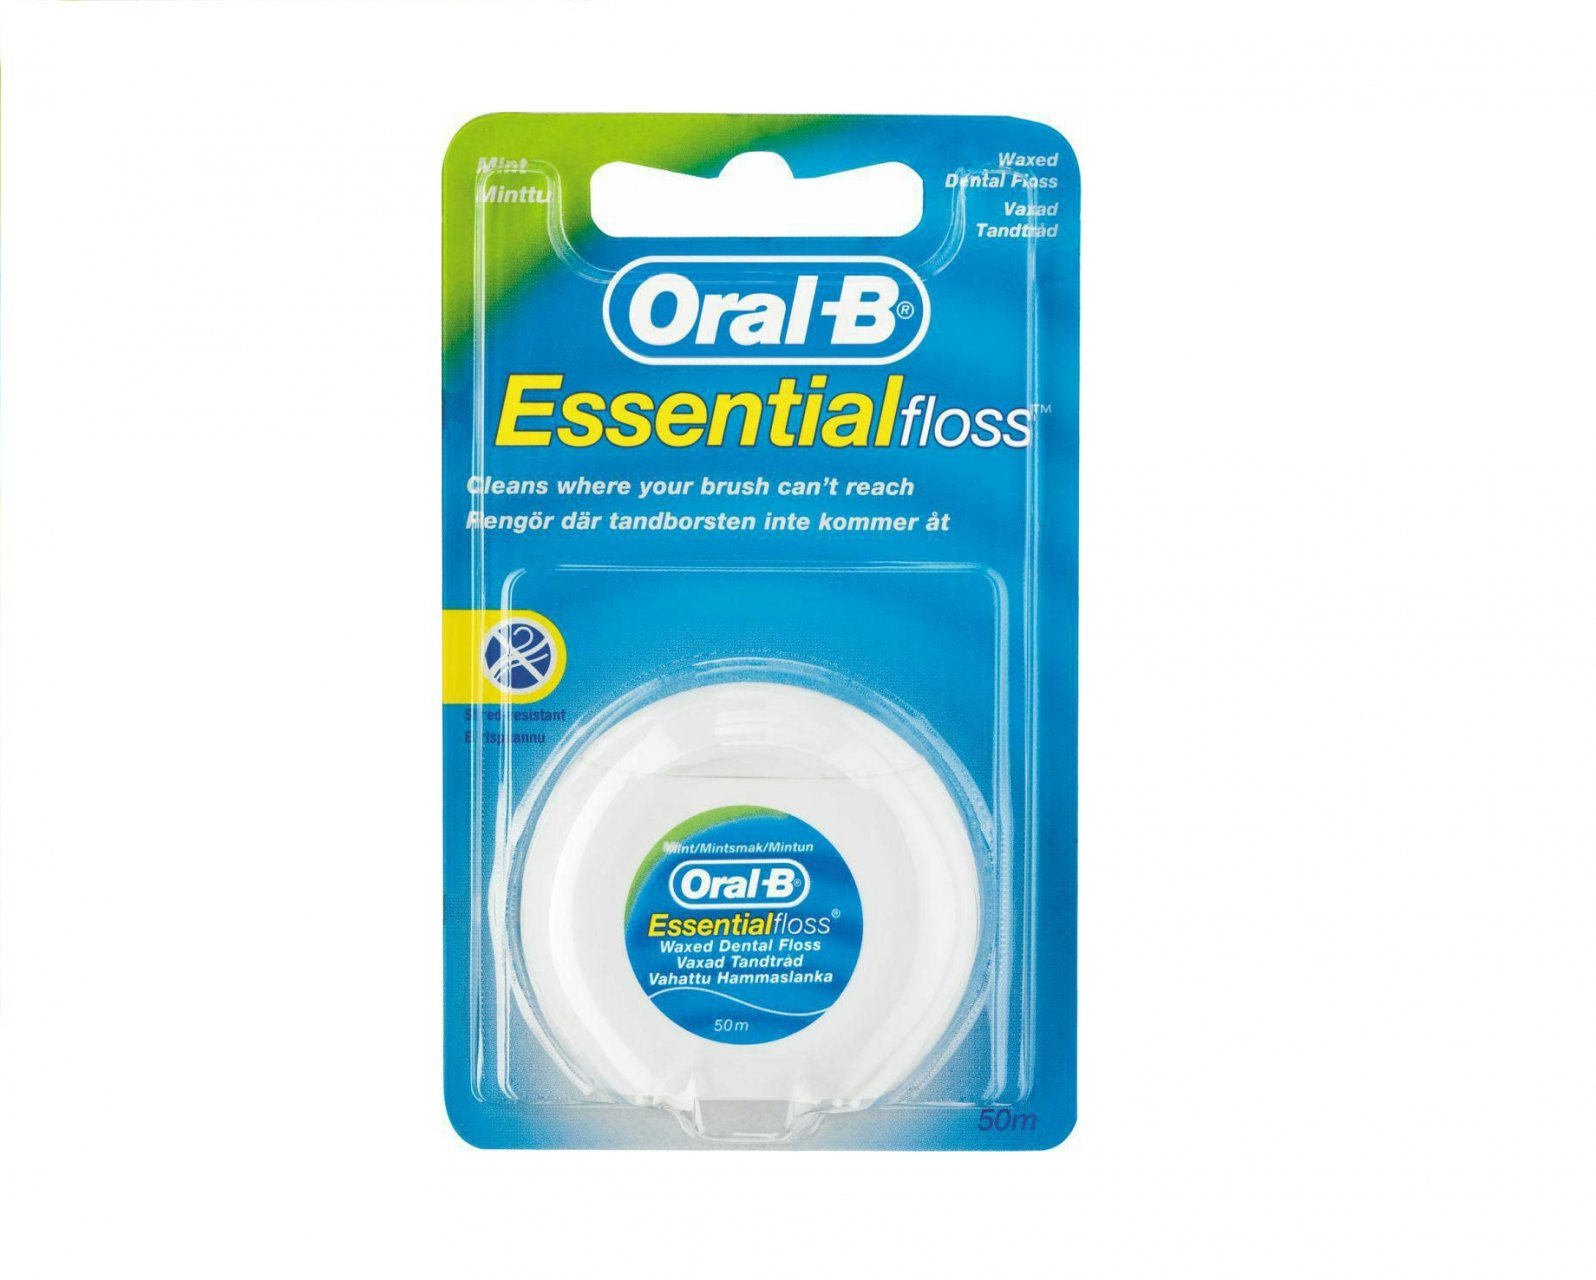 نخ دندان اورال بی مدل Essential